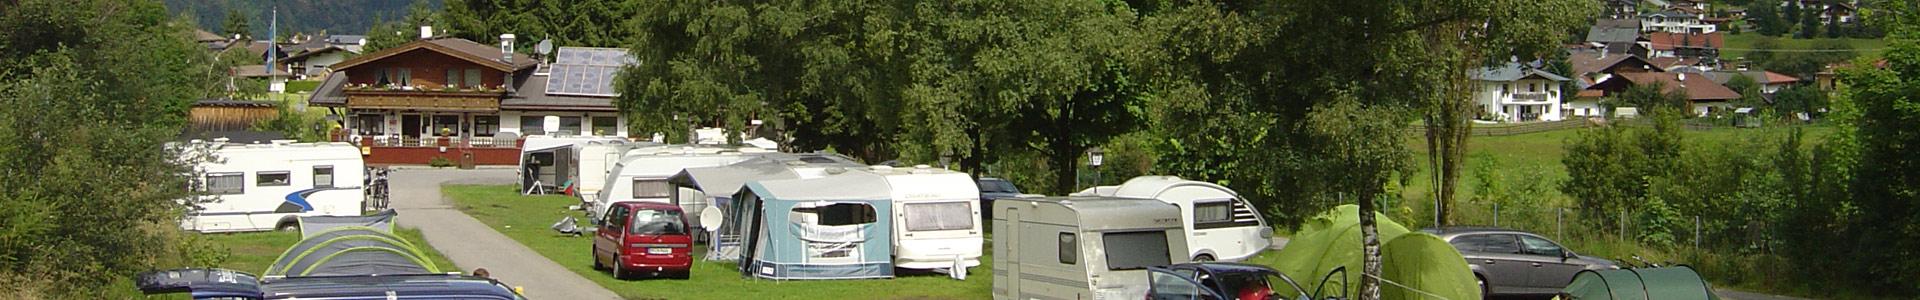 plan des emplacements du camping tztal camping tirol. Black Bedroom Furniture Sets. Home Design Ideas